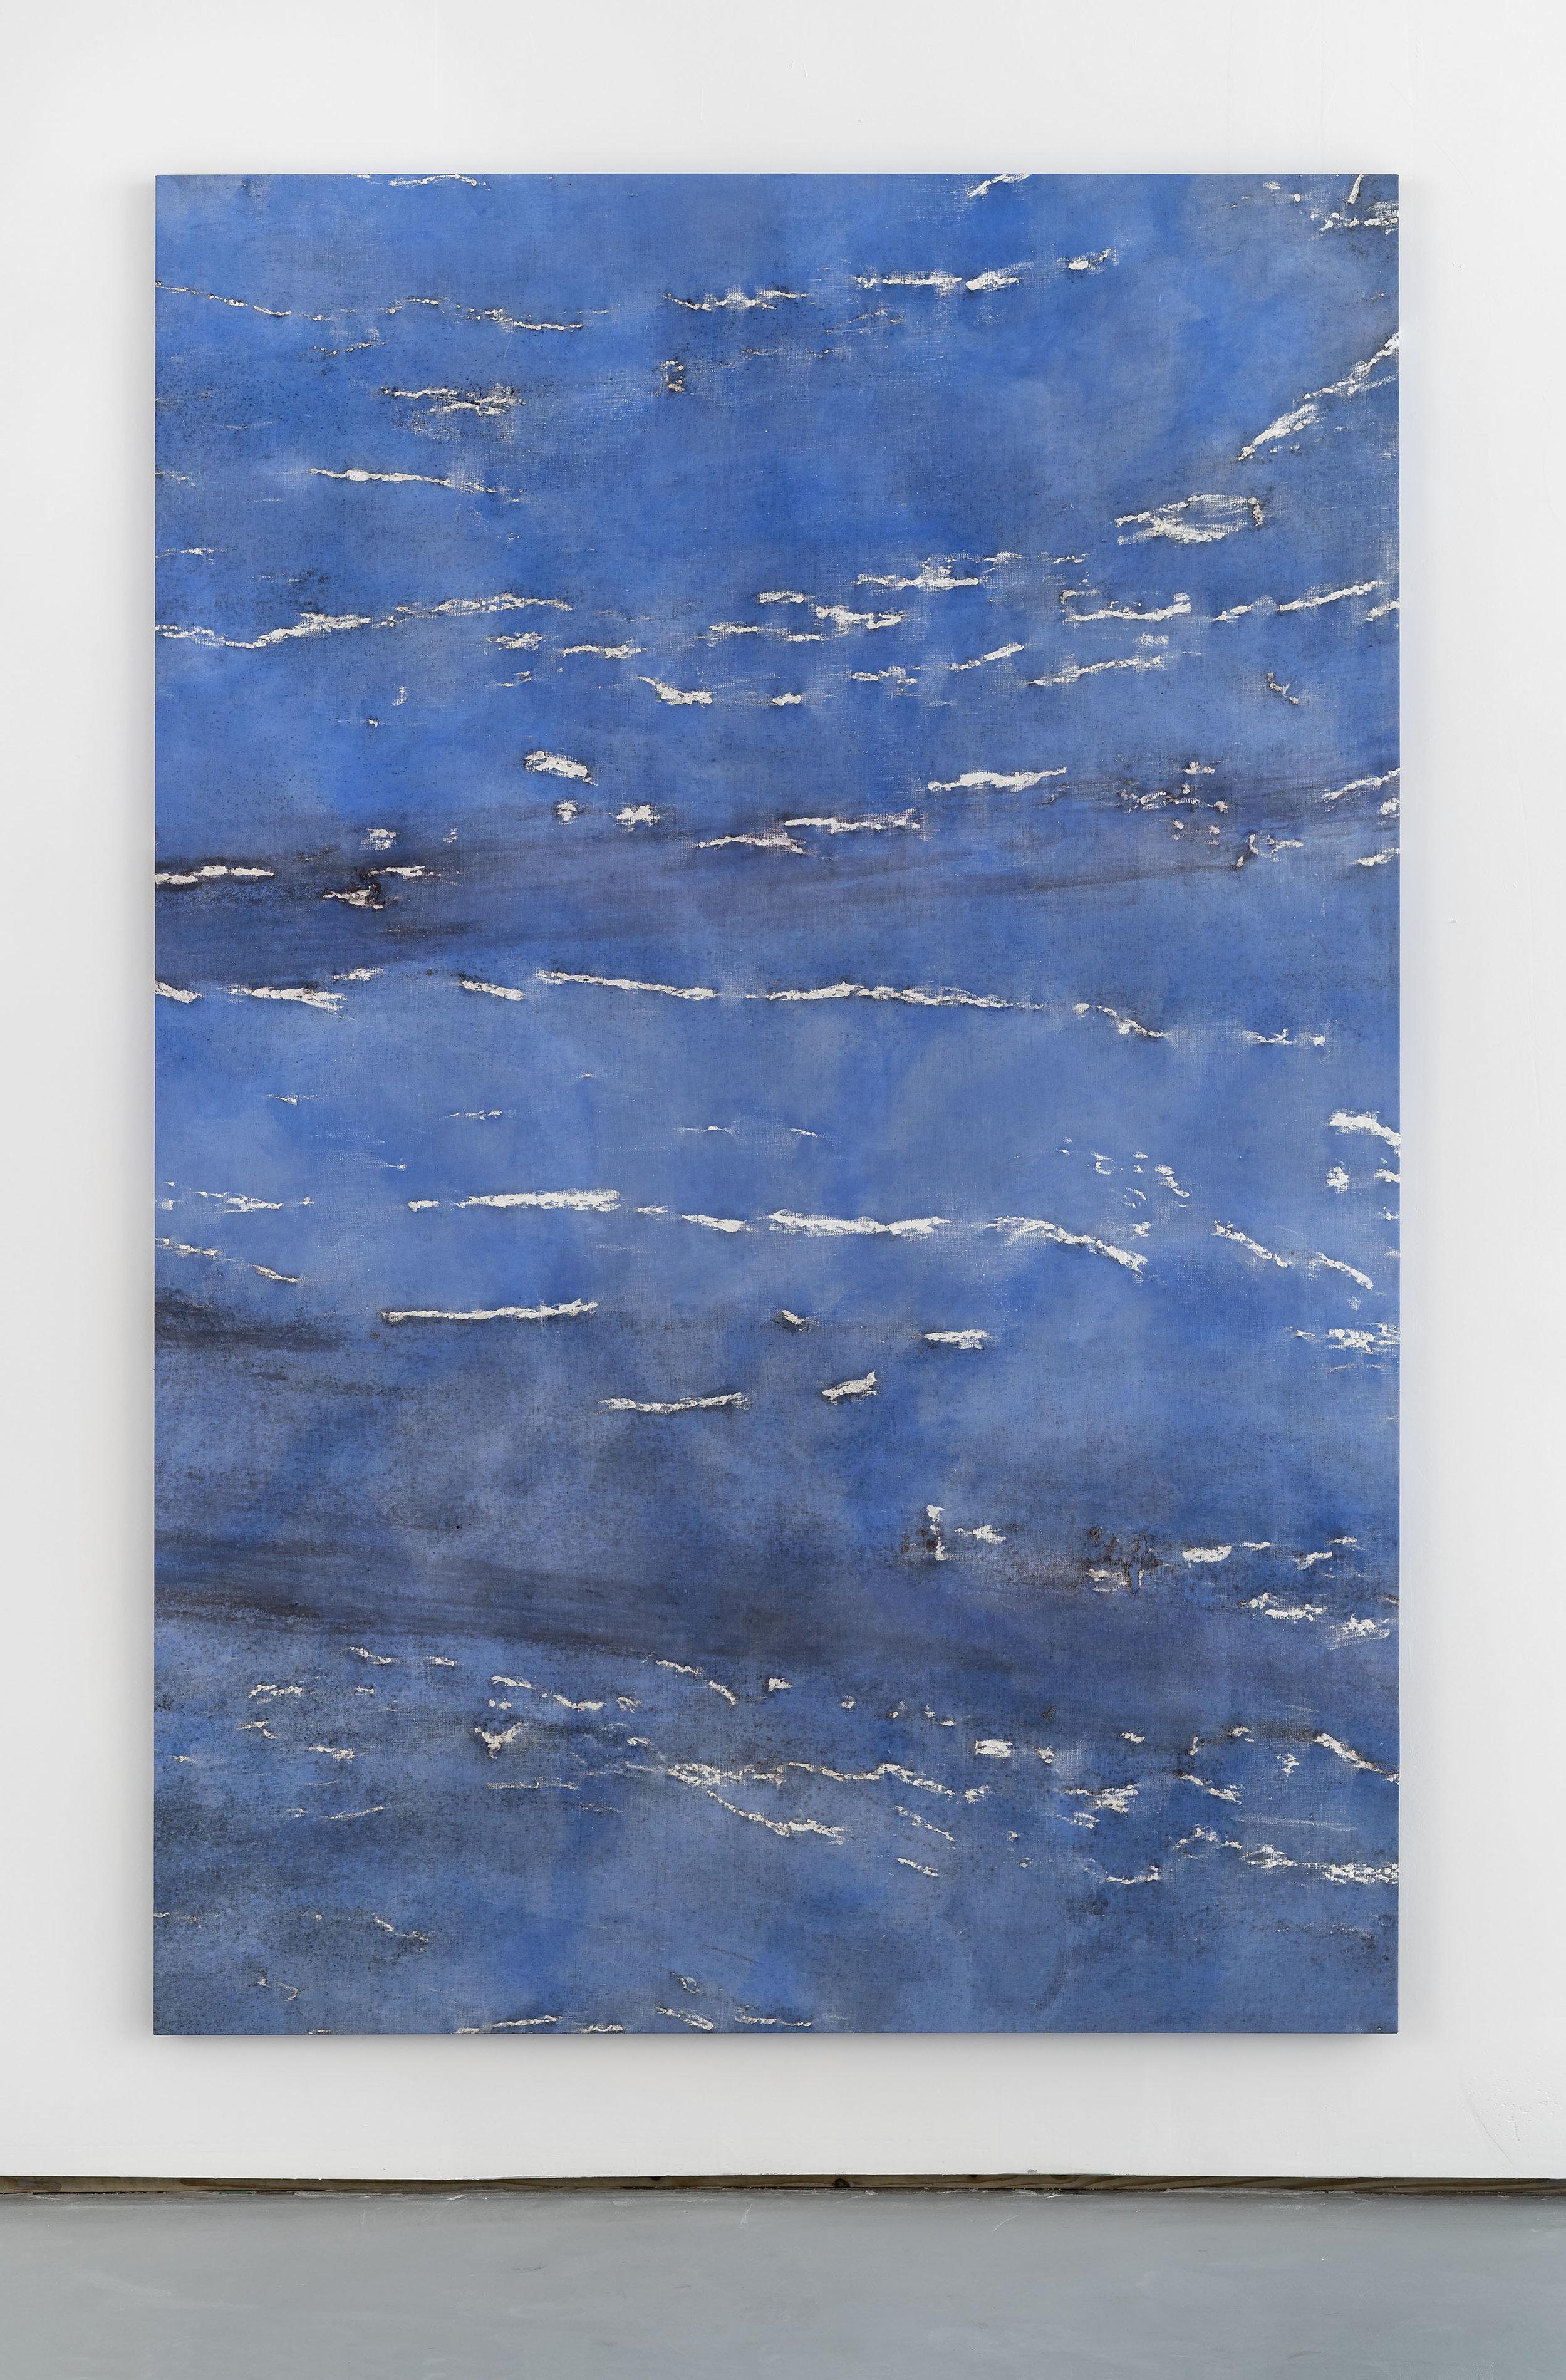 SUMIT , 2018 Oil on linen 67 x 100 in. 170.2 x 254 cm